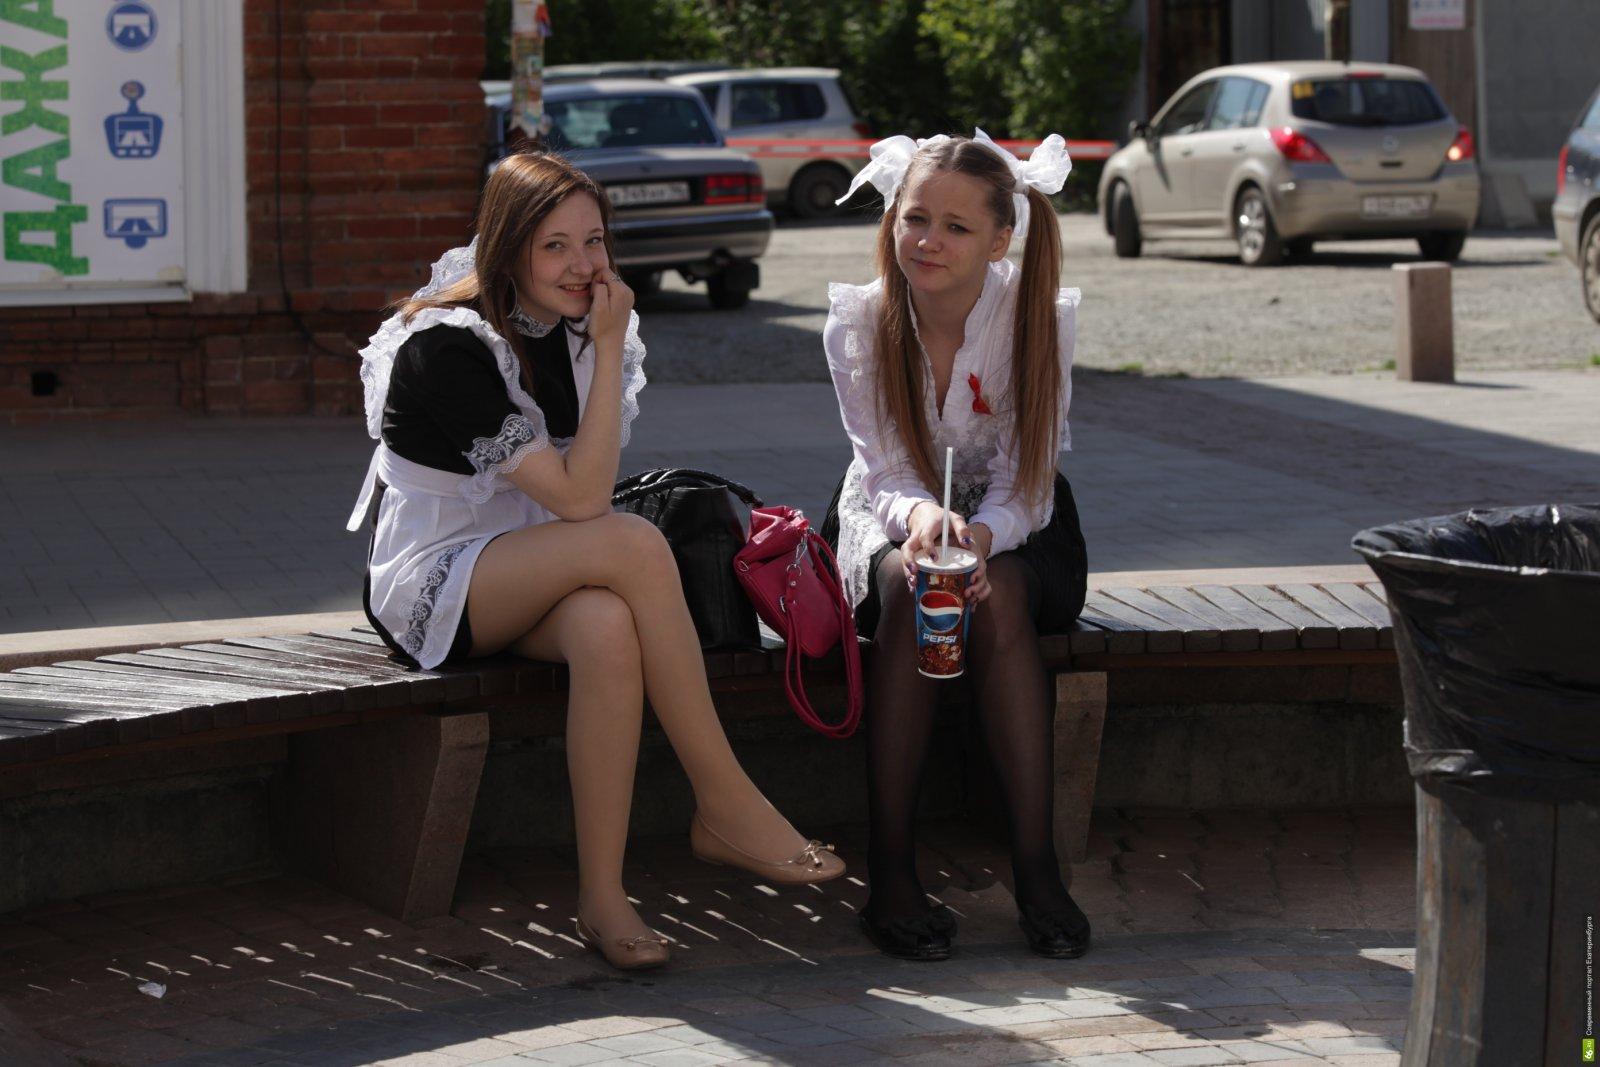 Фото под юбкой учениц, Под юбкой фото - голые девушки и женщины без трусов 20 фотография